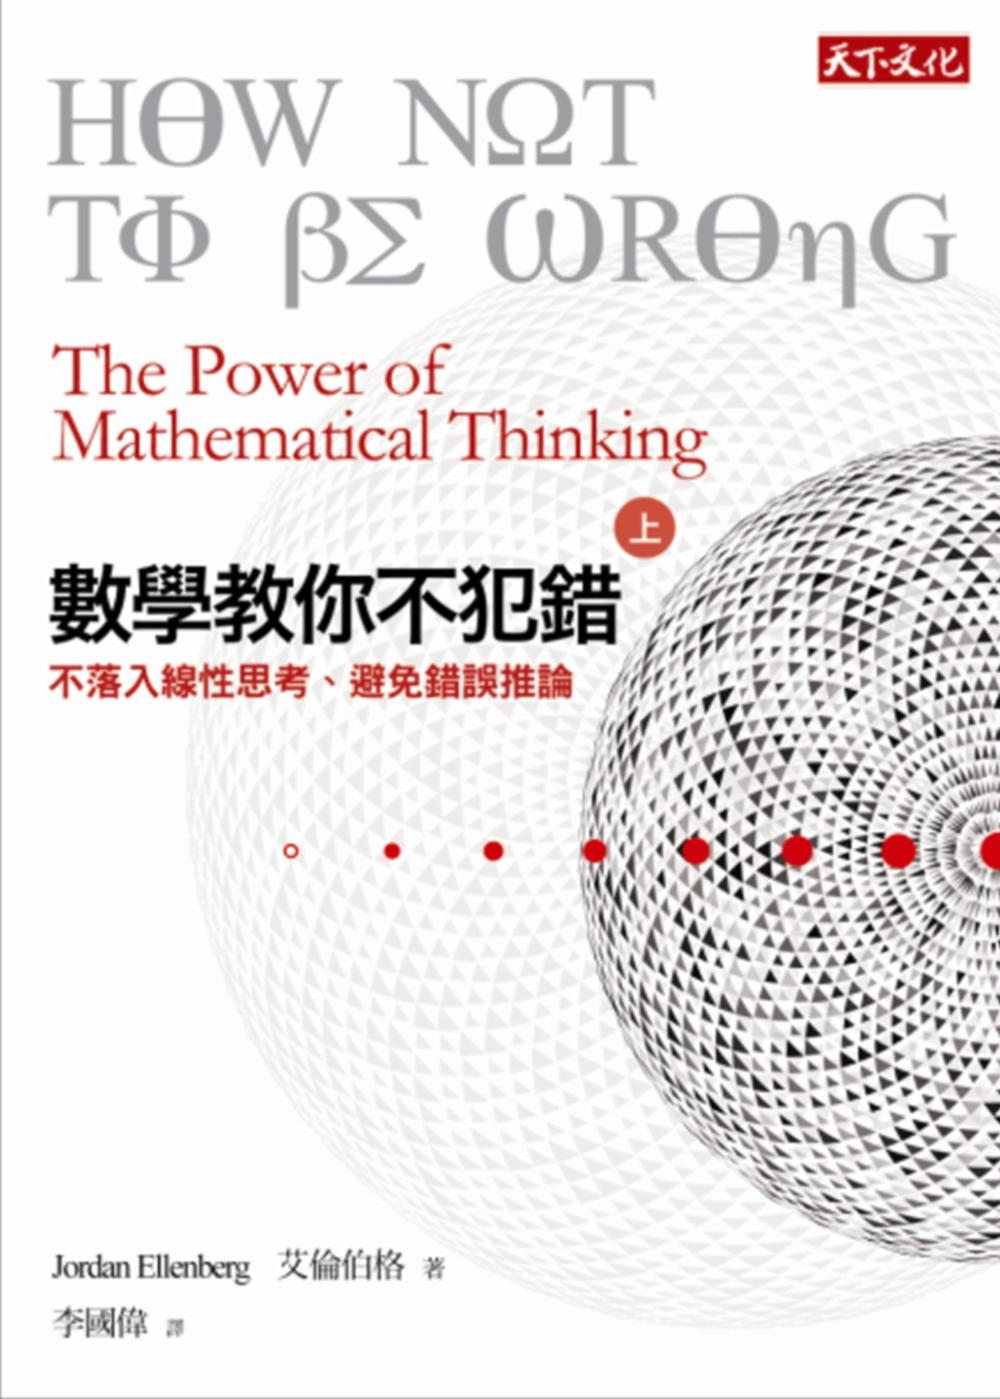 數學教你不犯錯,上:不落入線性思考、避免錯誤推論